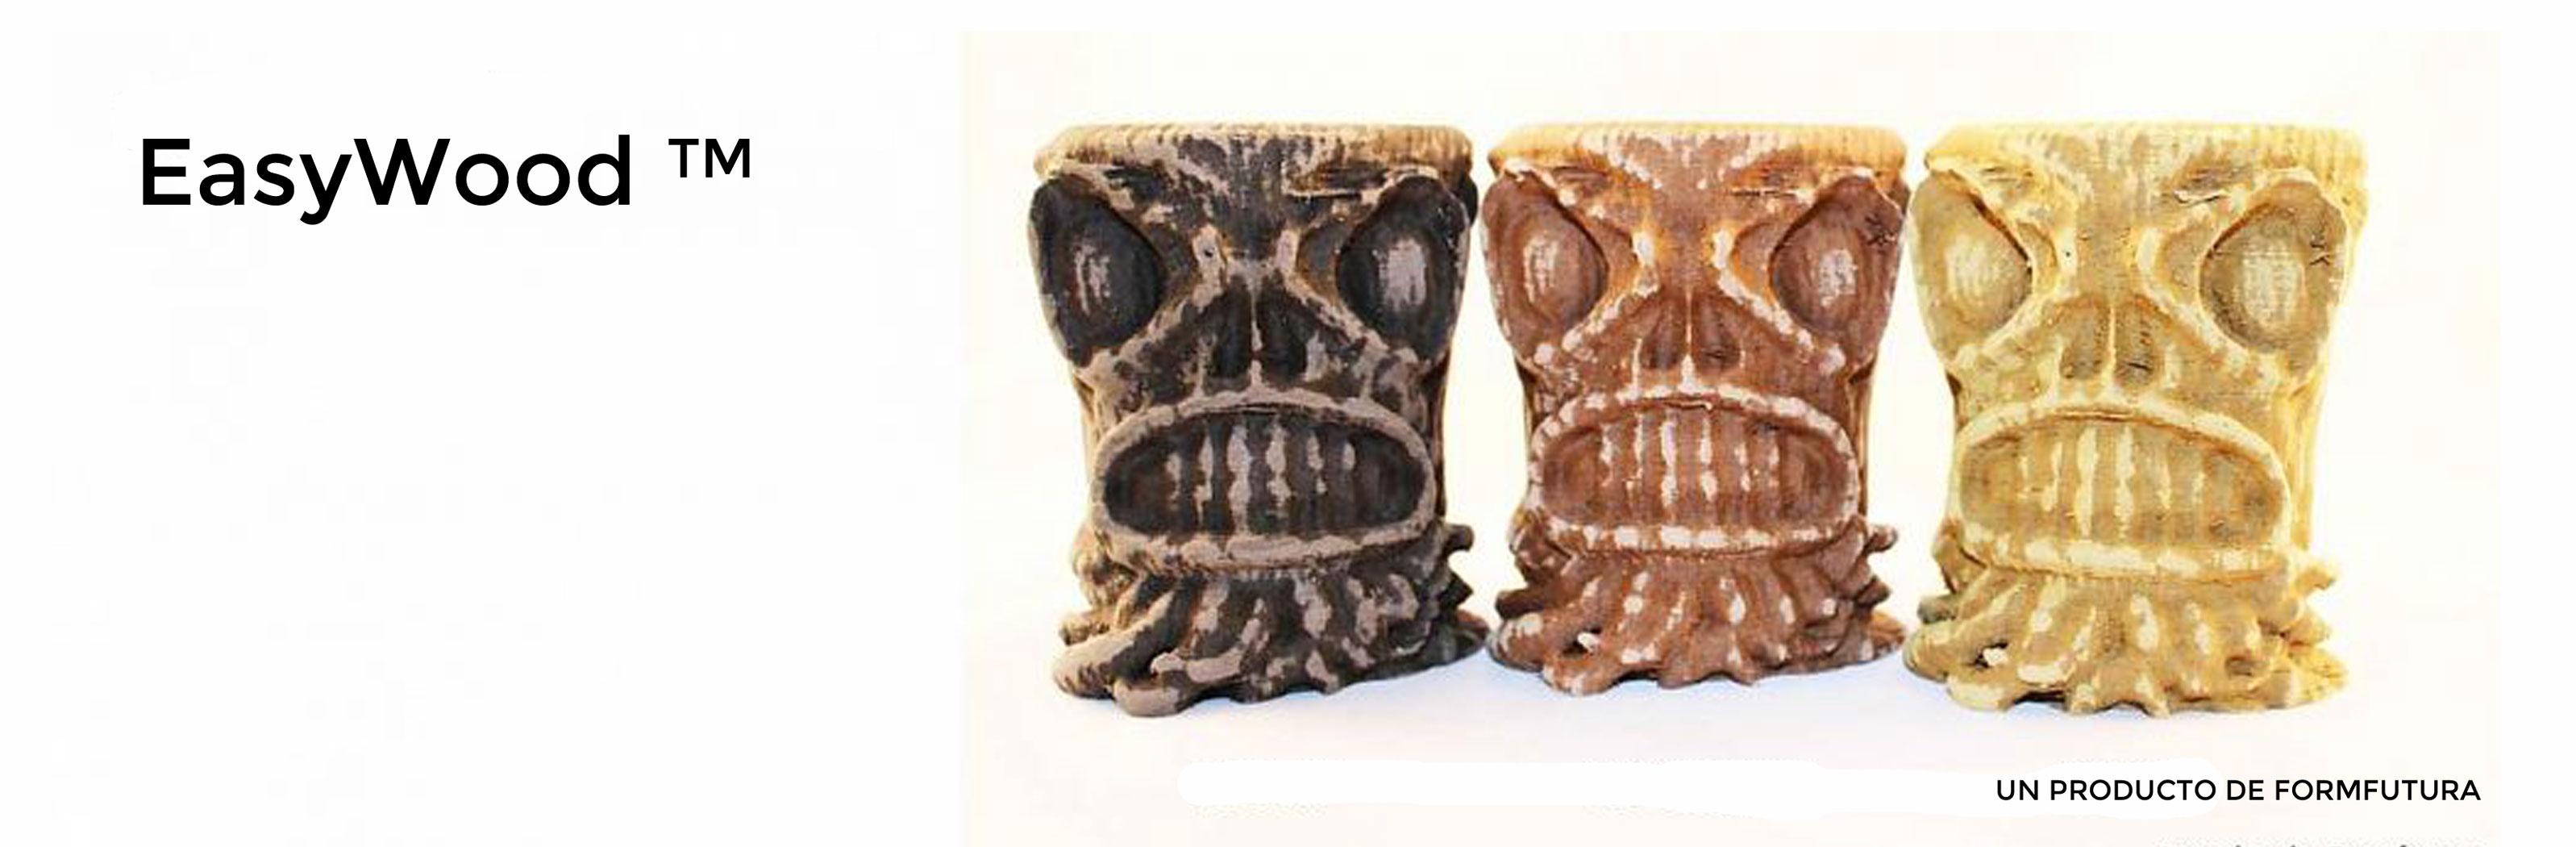 Impresión 3D materiales especiales